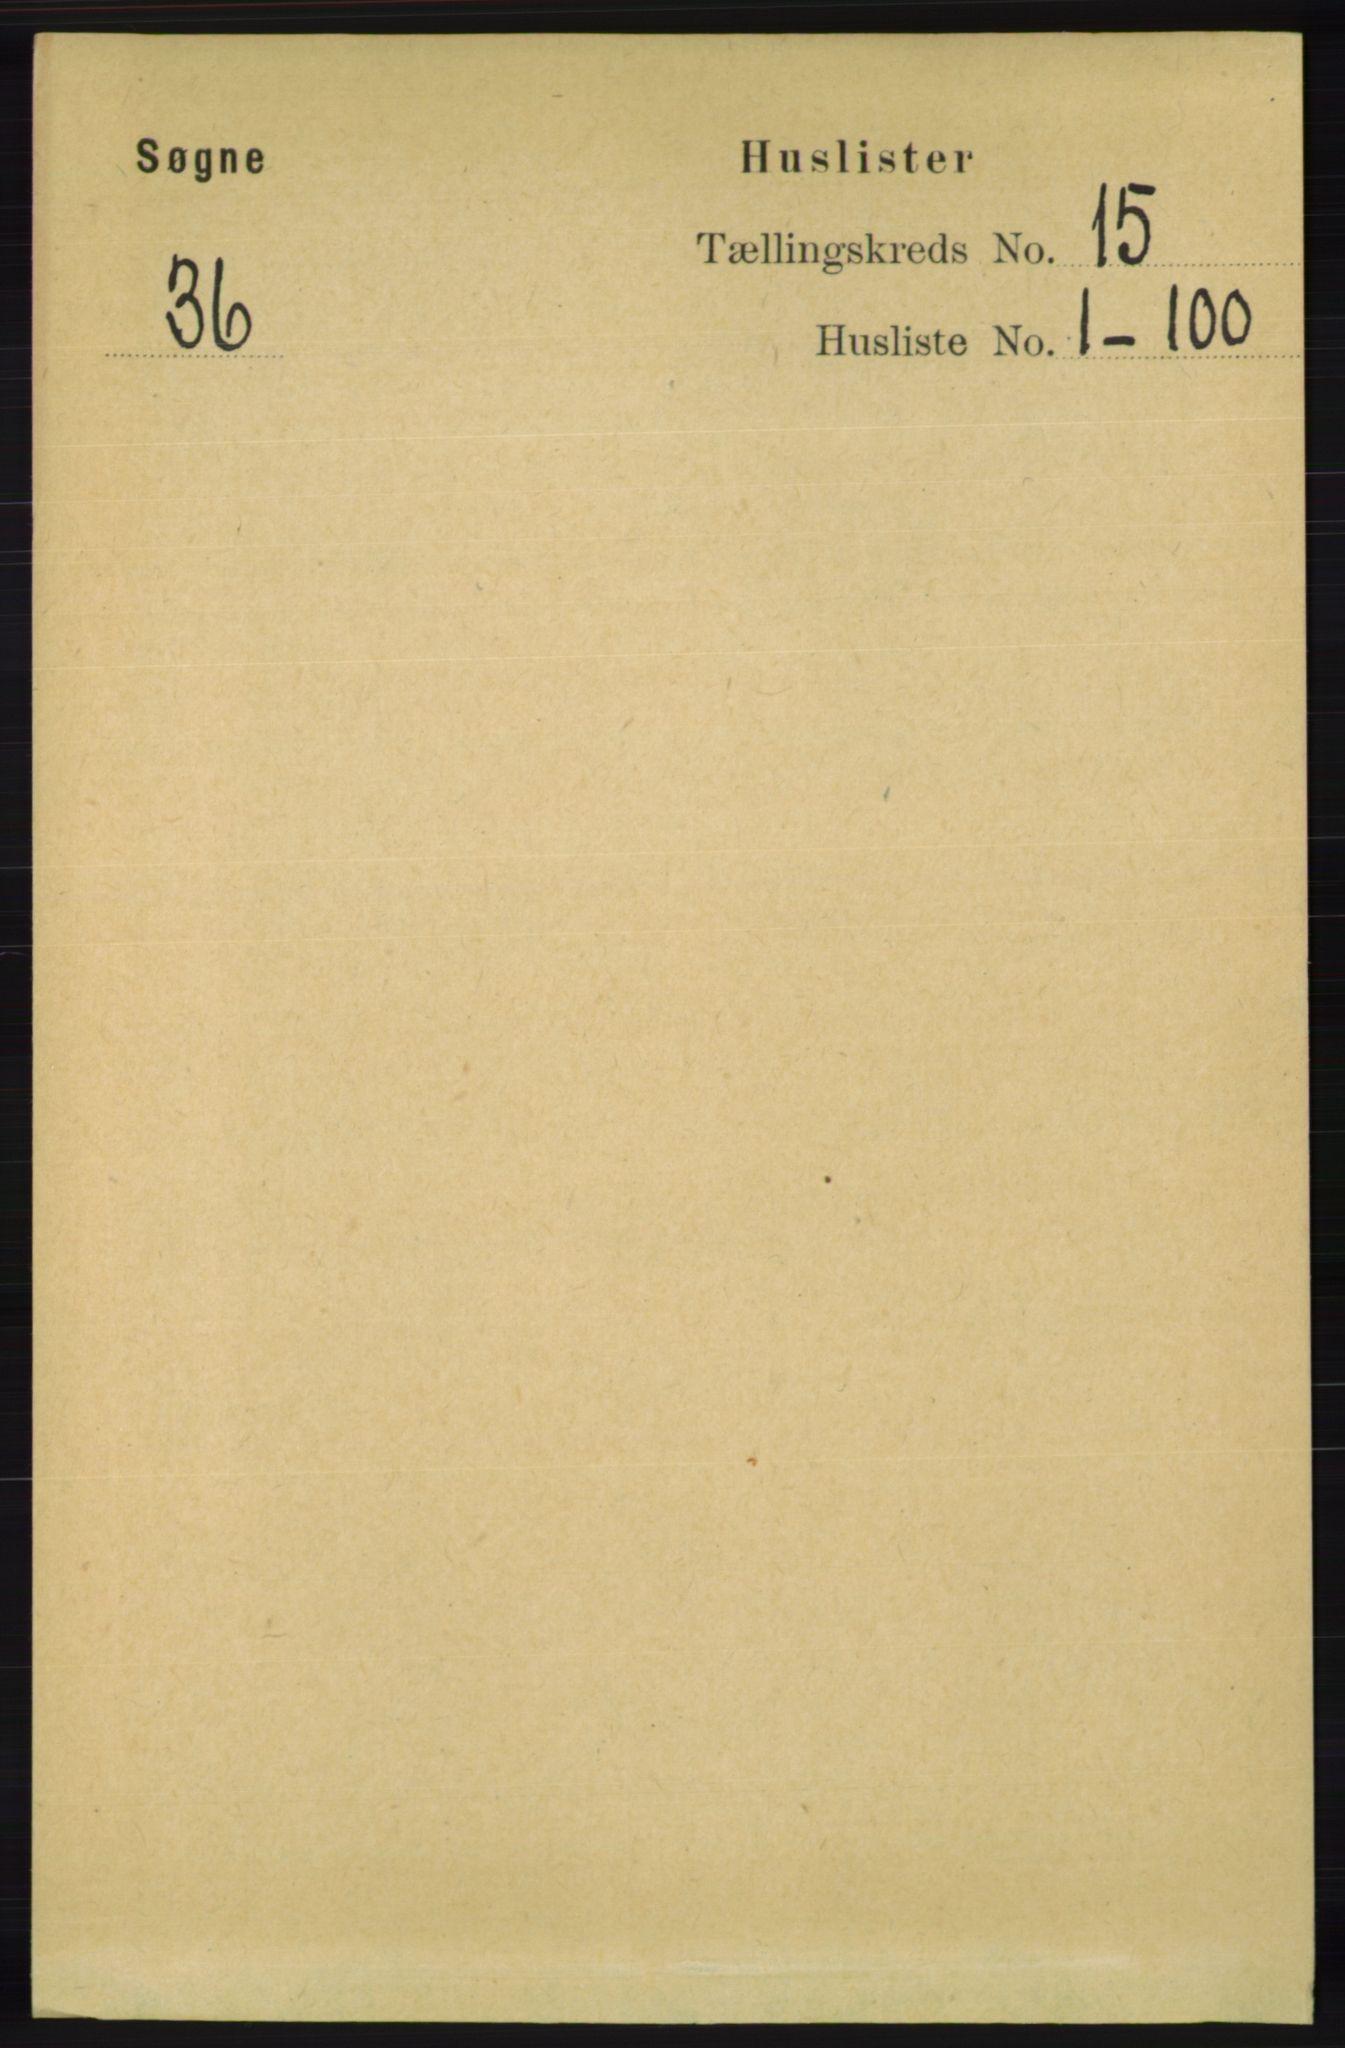 RA, Folketelling 1891 for 1018 Søgne herred, 1891, s. 3797